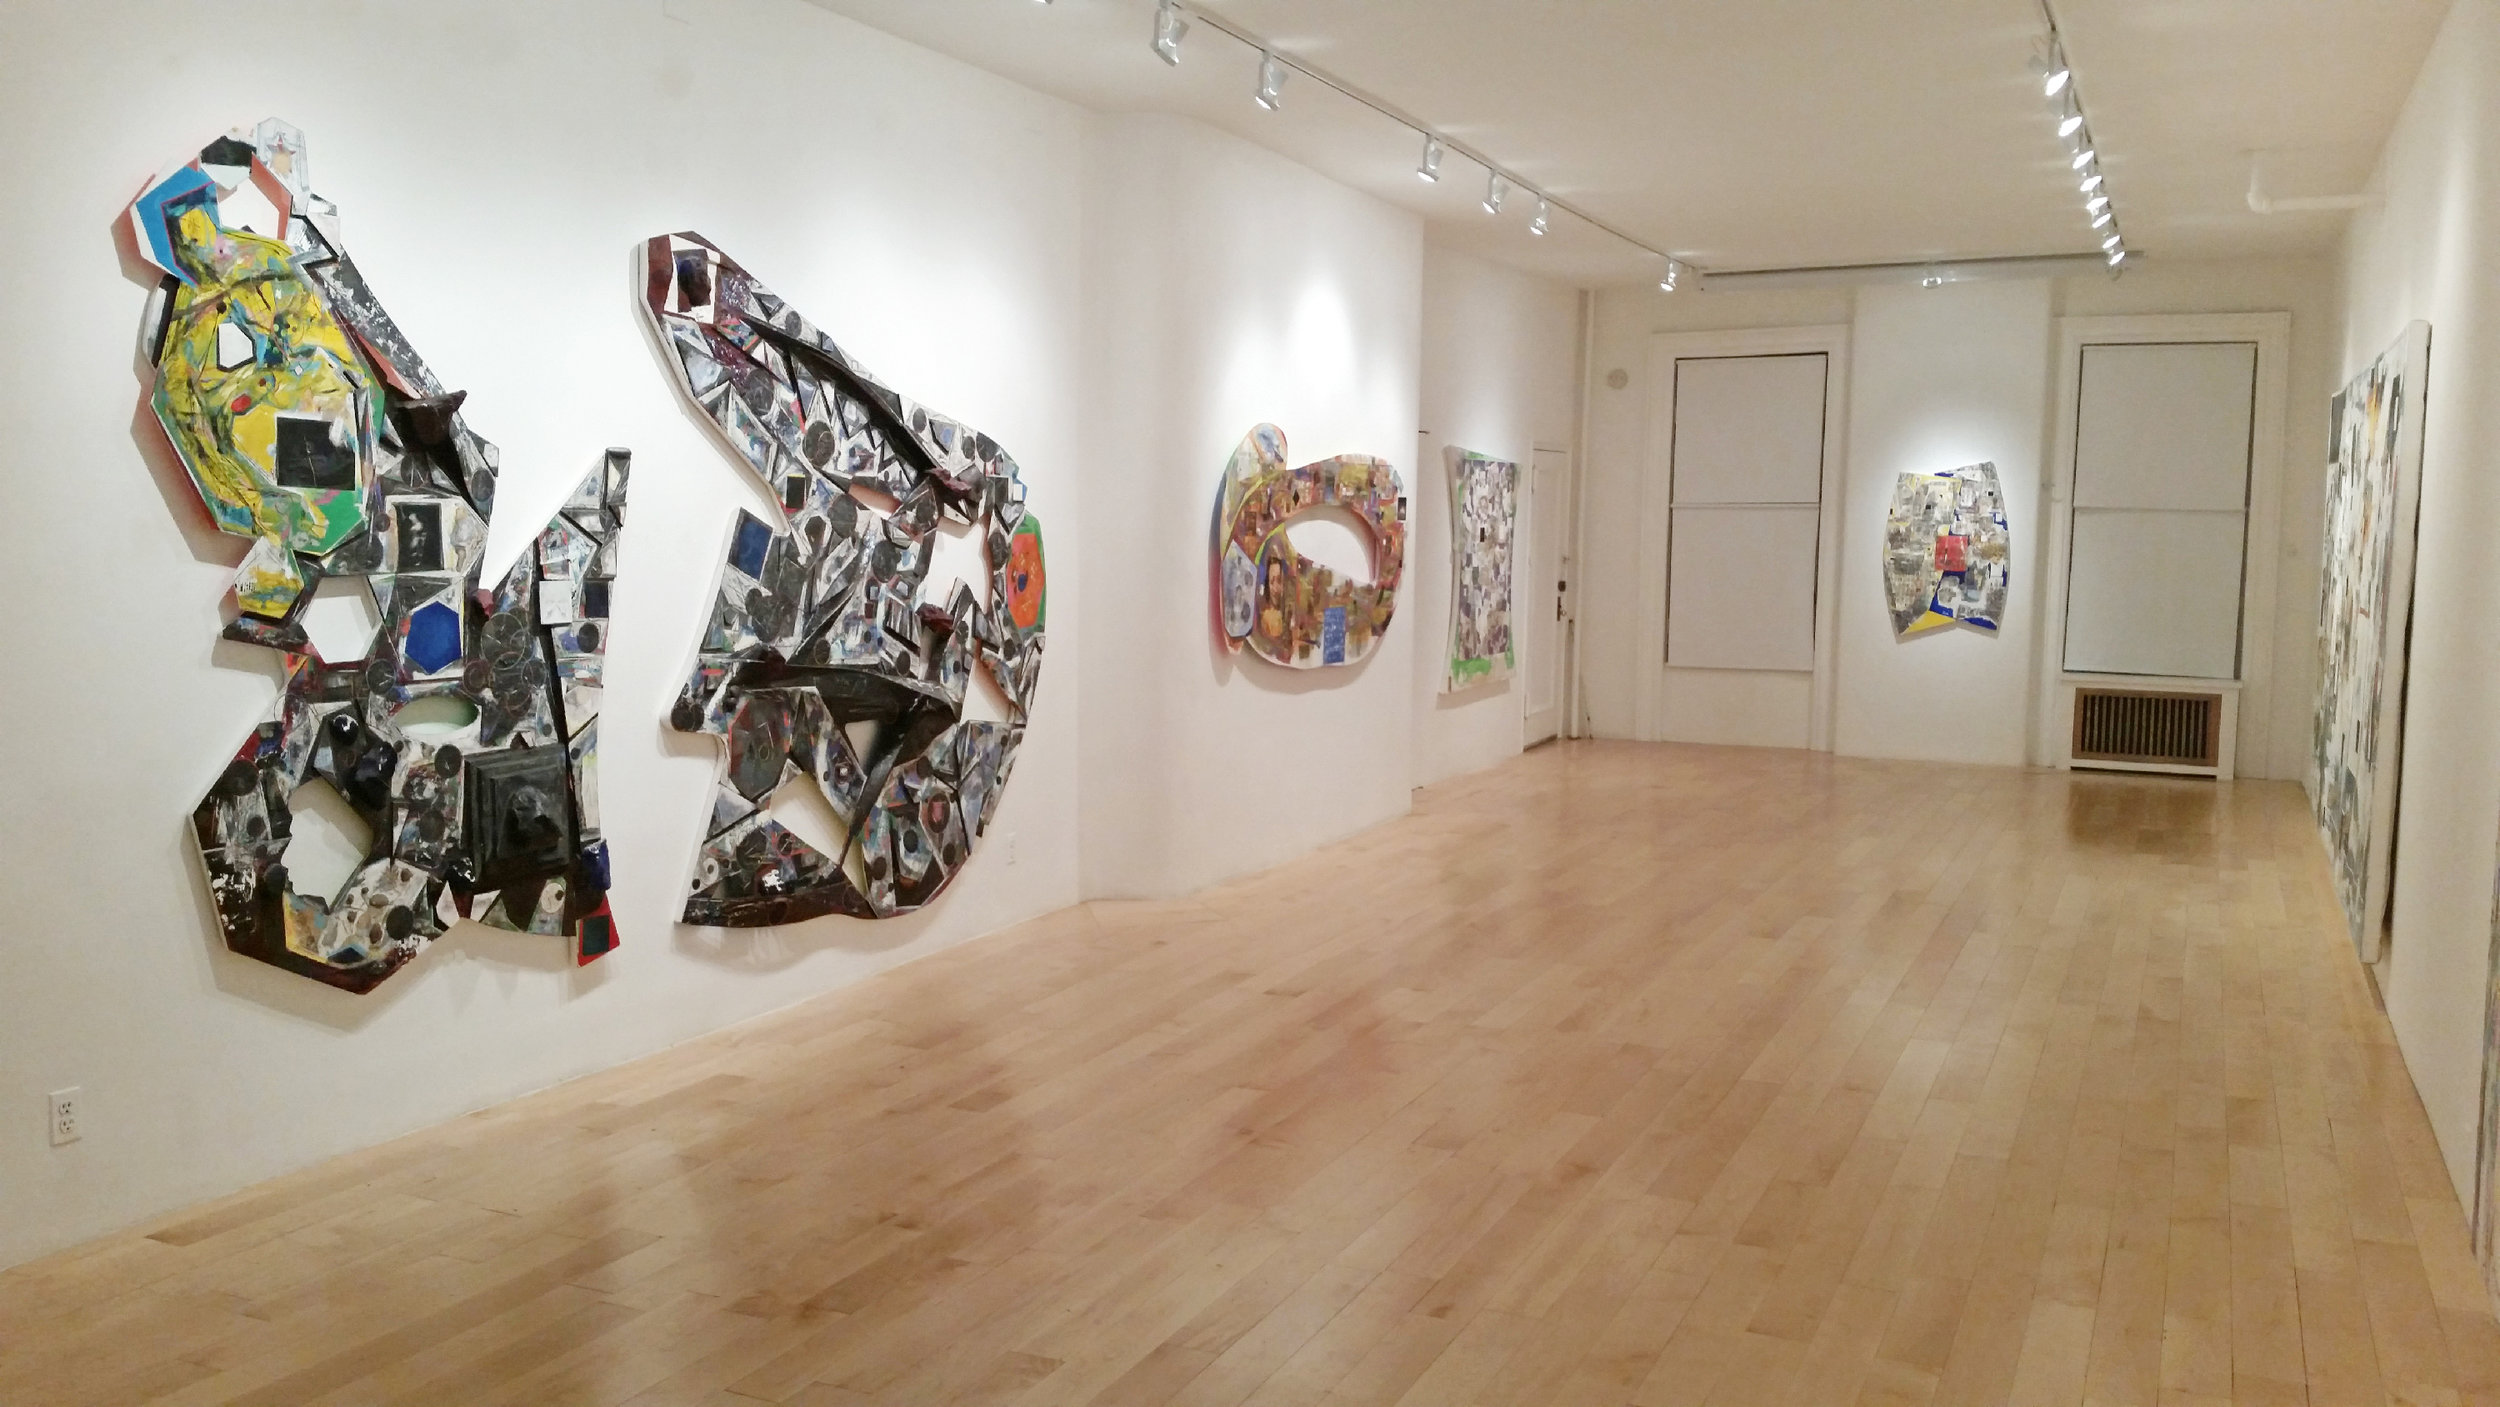 Julius Ludavicius  Paintings , February 18, 2016